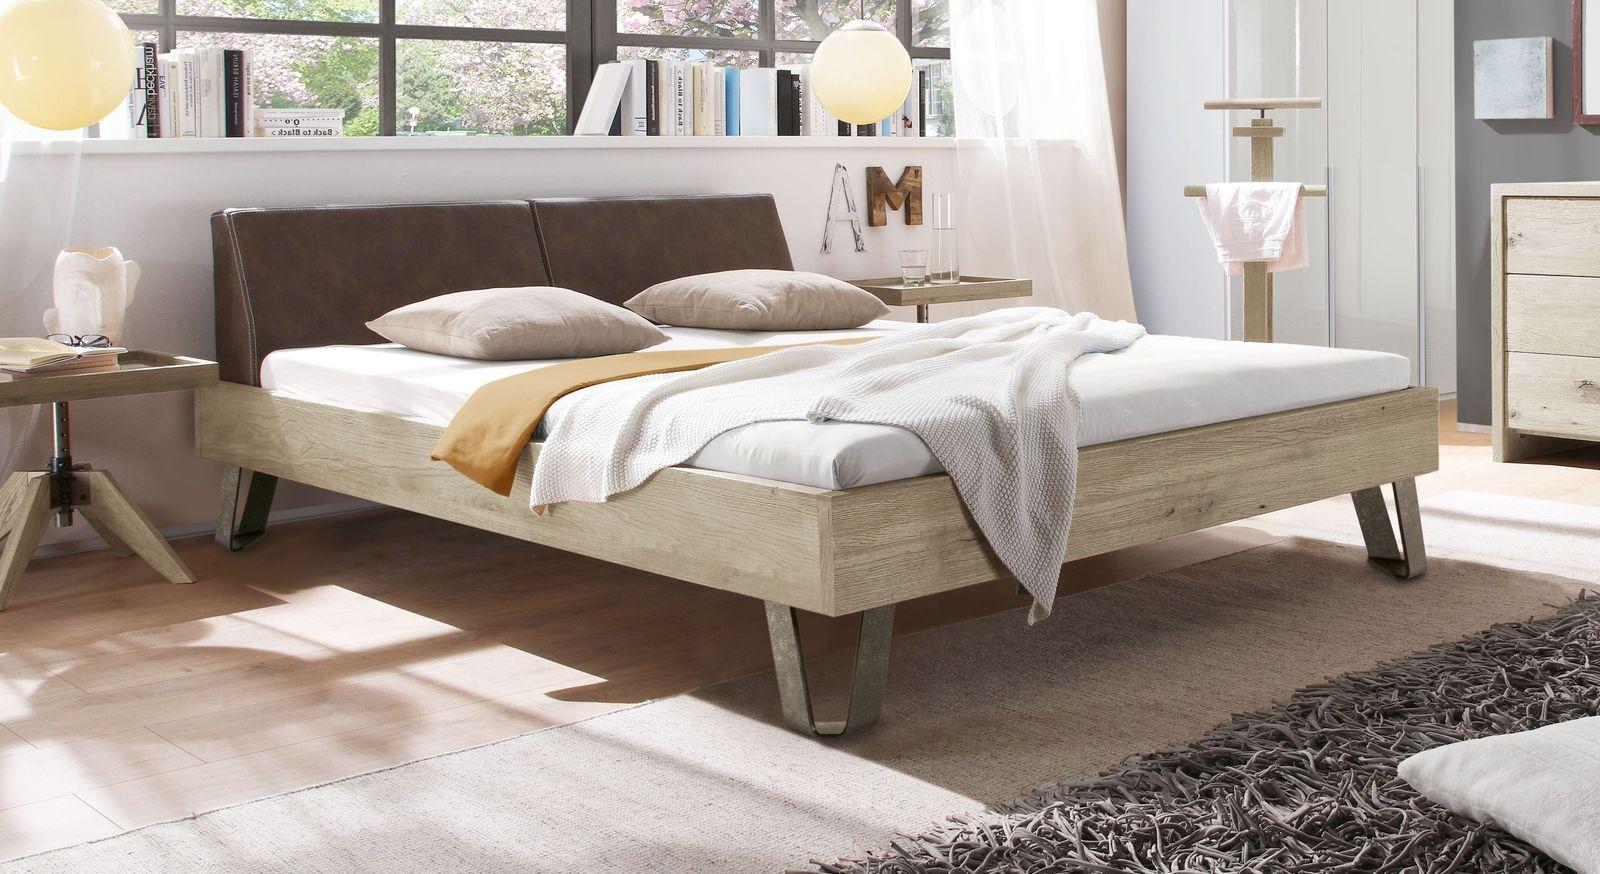 Bett Aveiros aus weißer Wildeiche